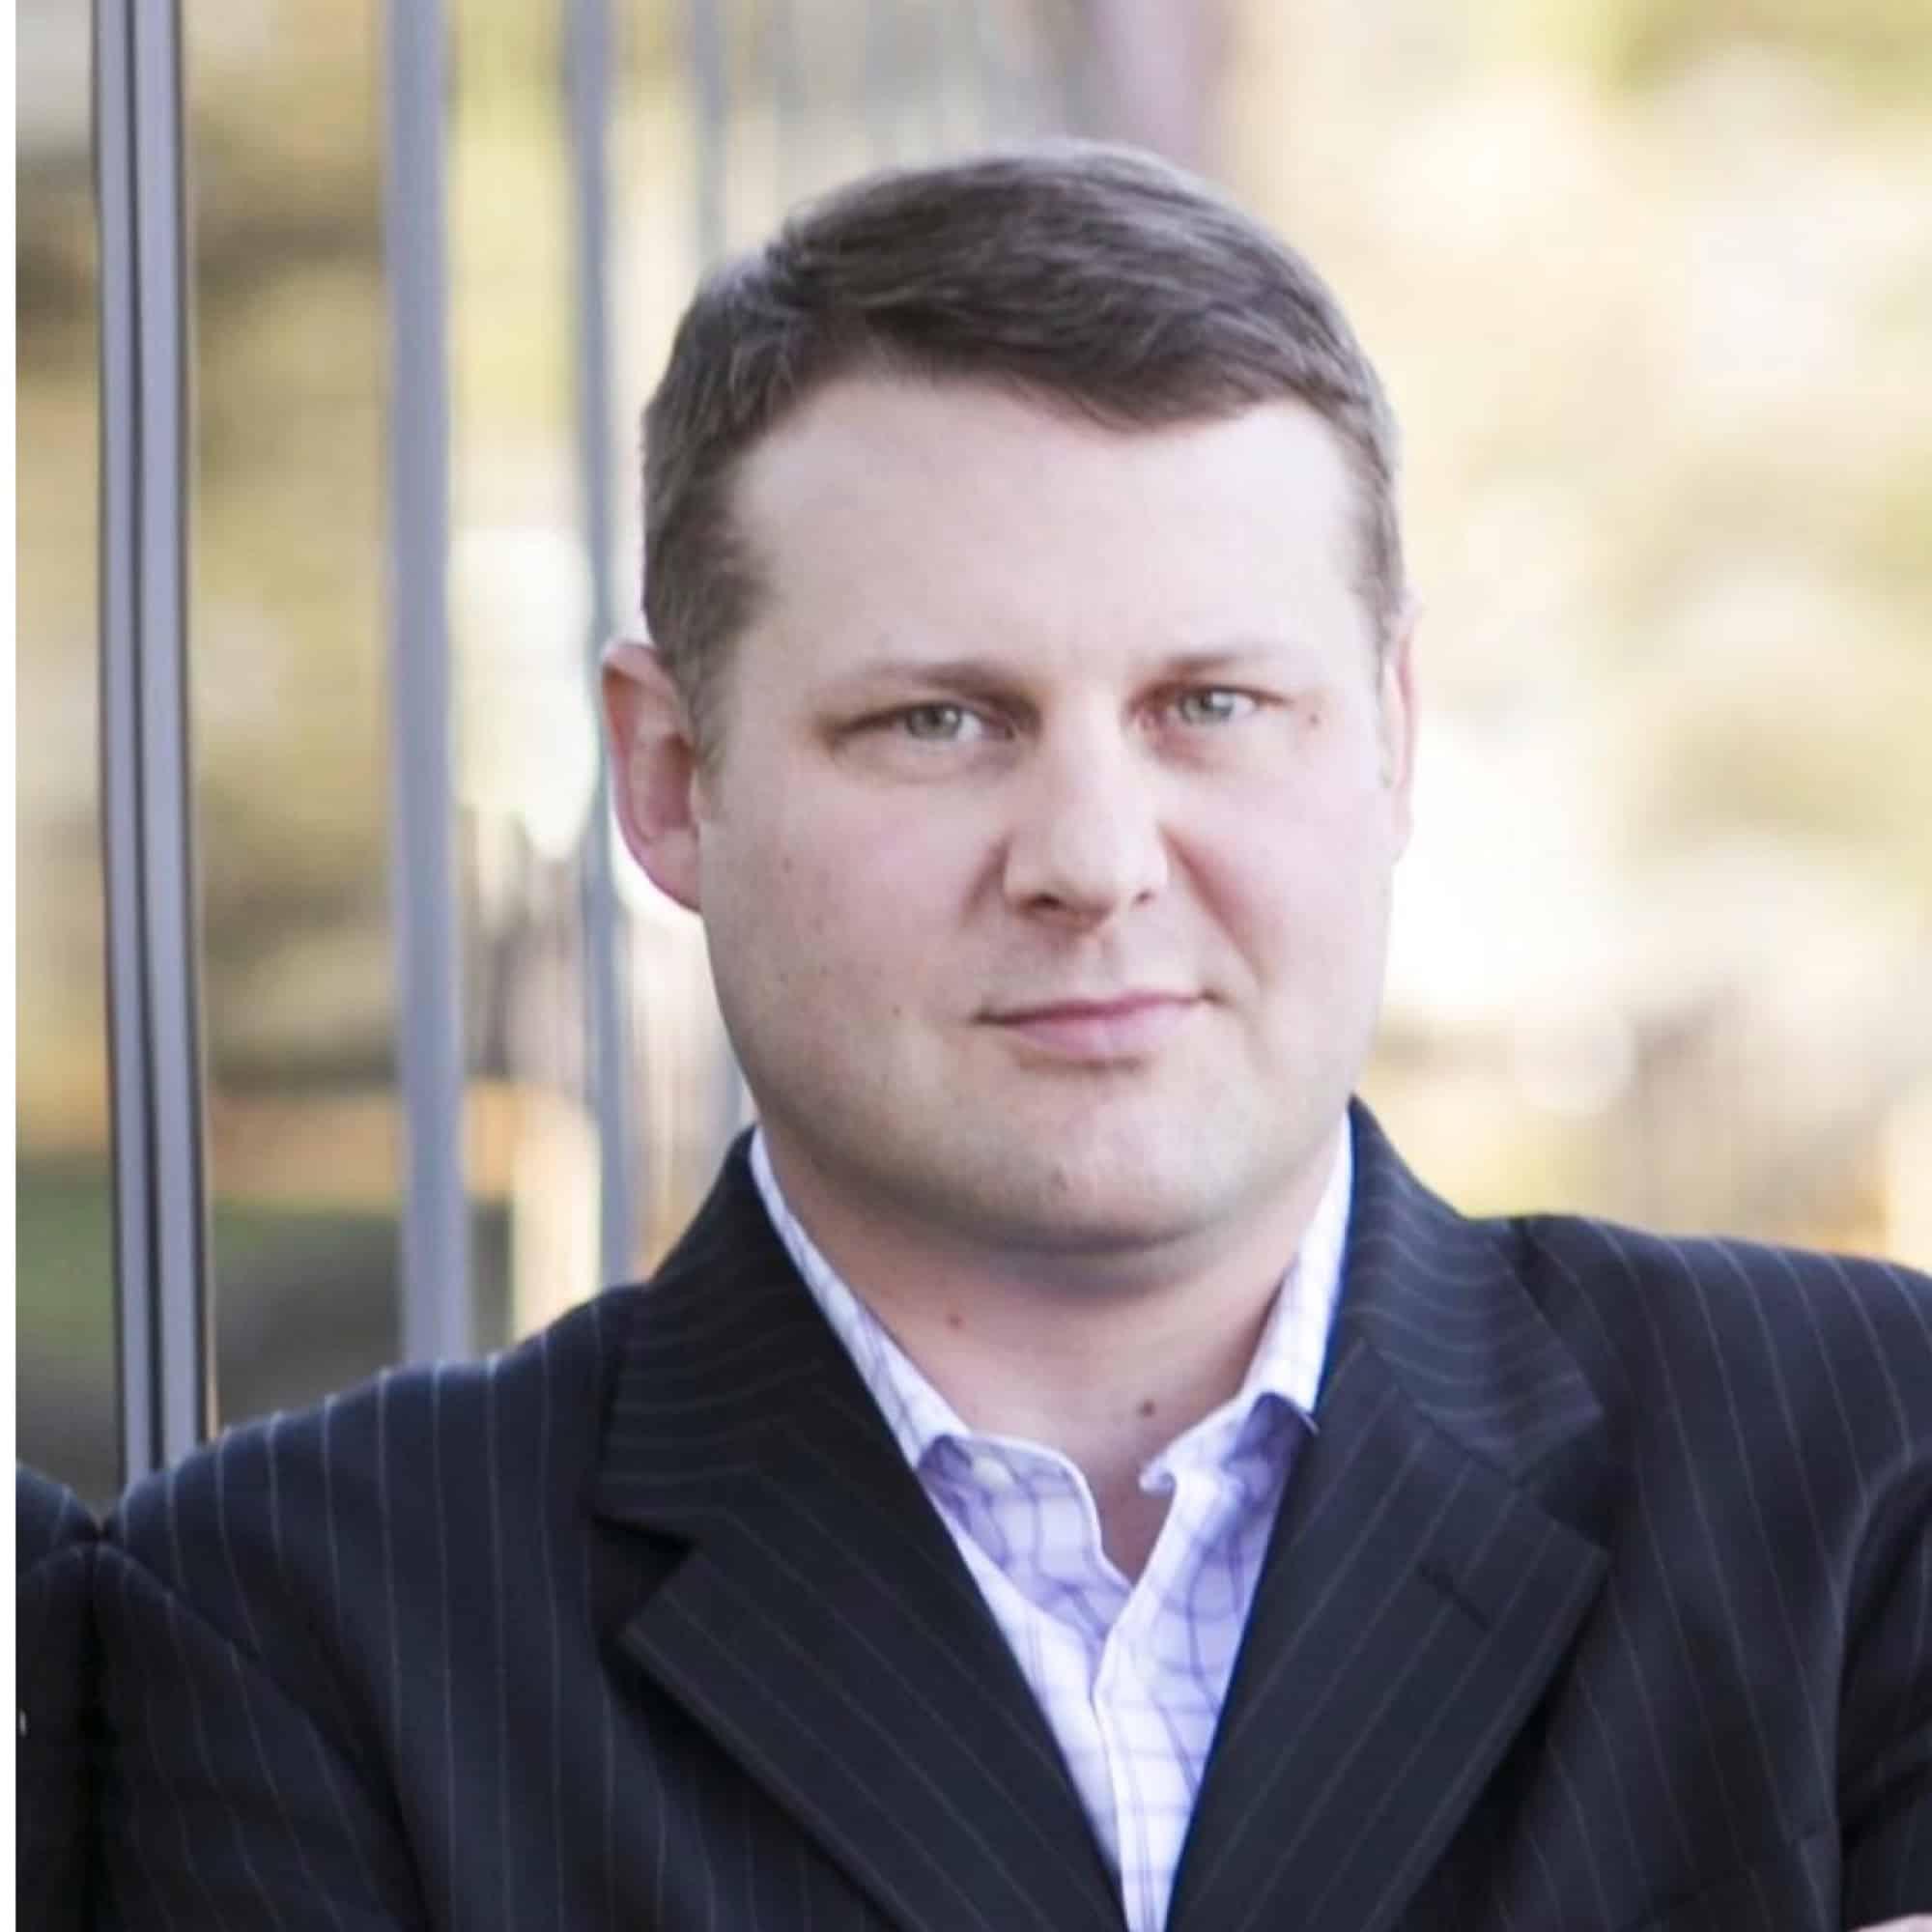 Lewis Landerholm - Board of Directors